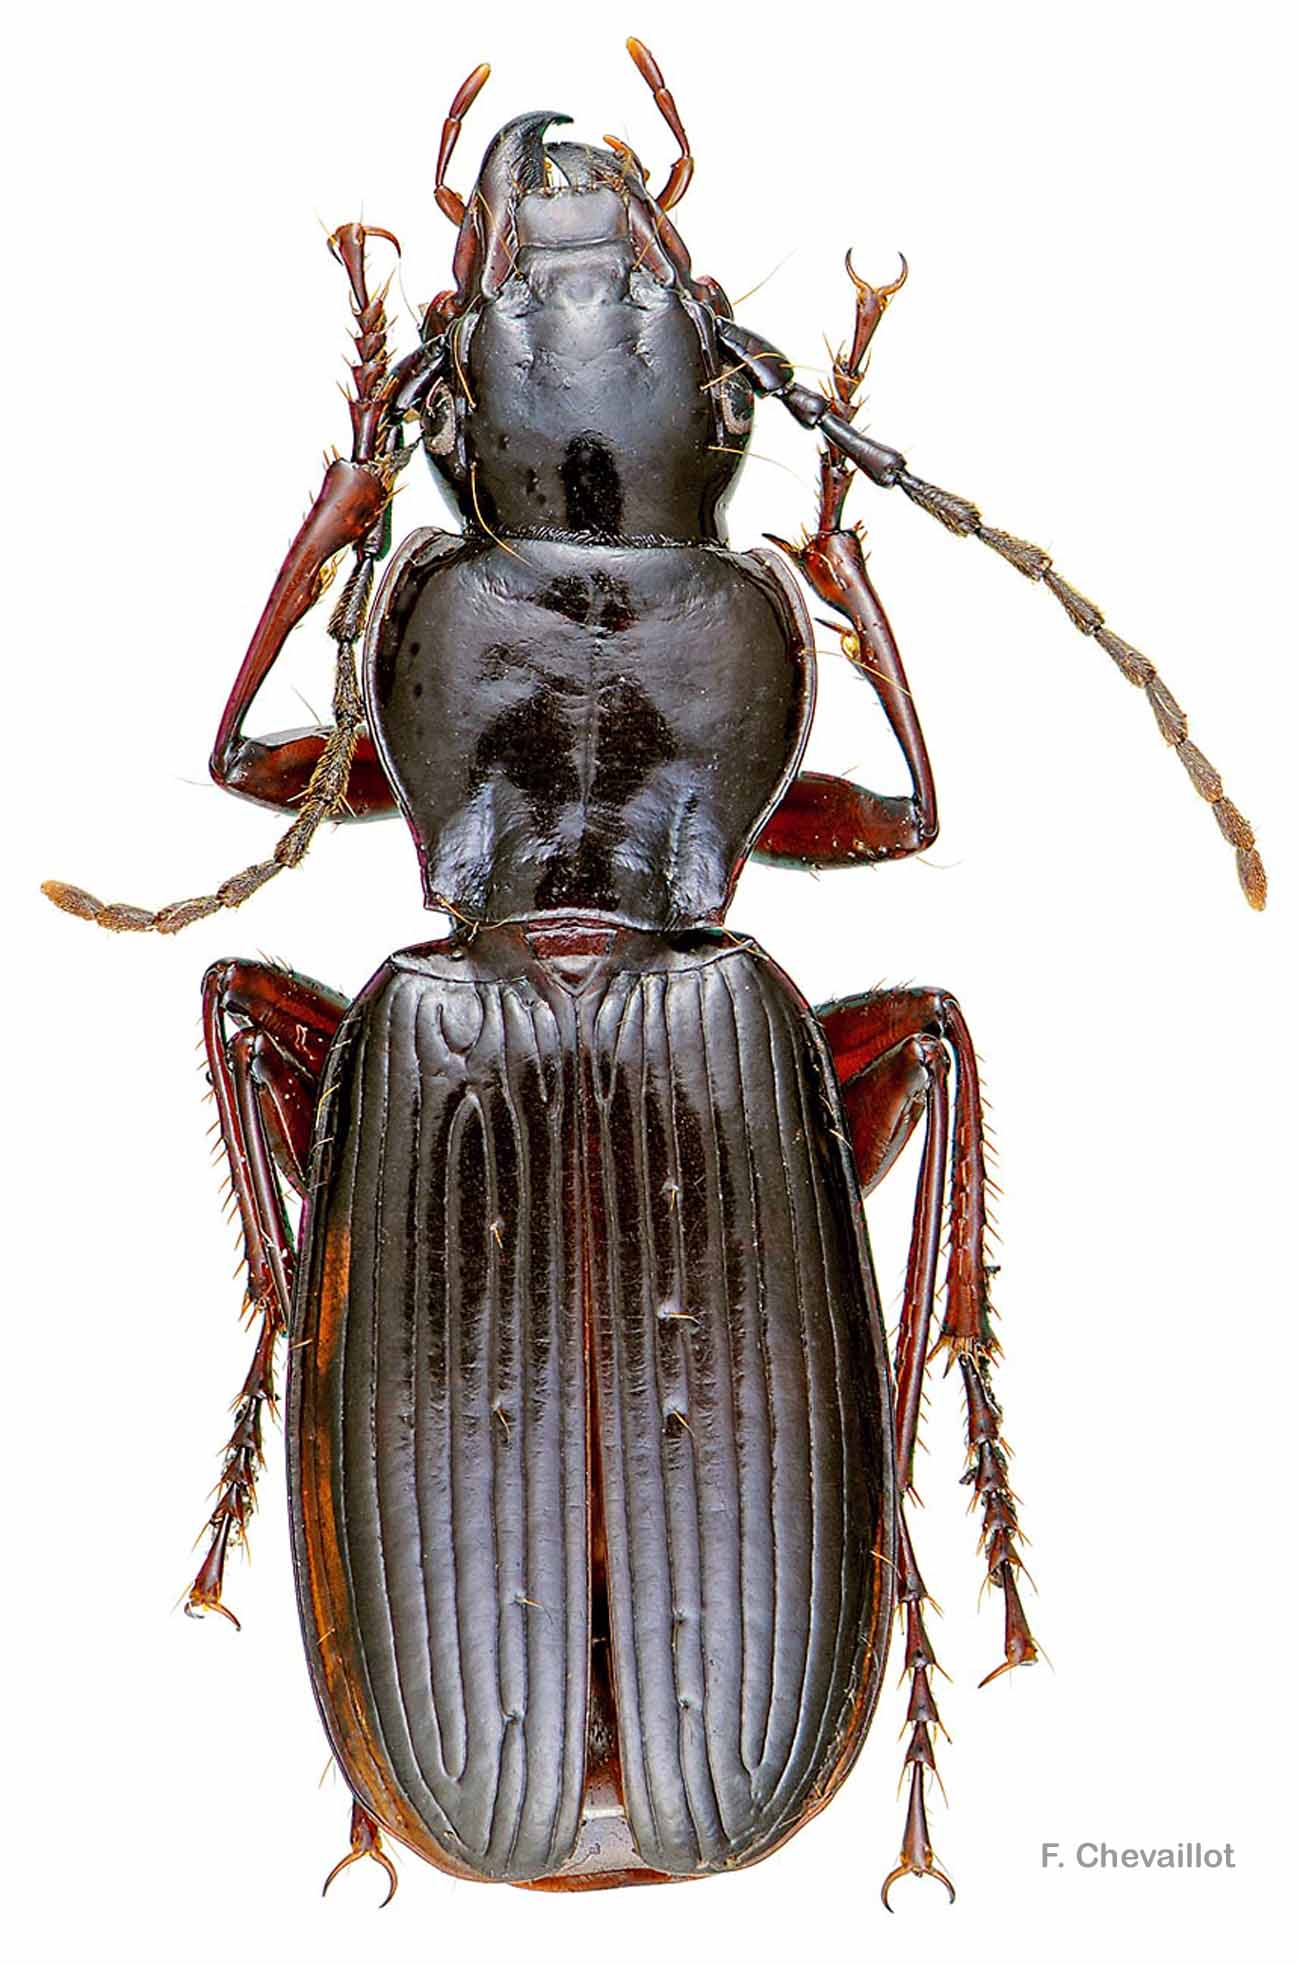 Pterostichus honnoratii